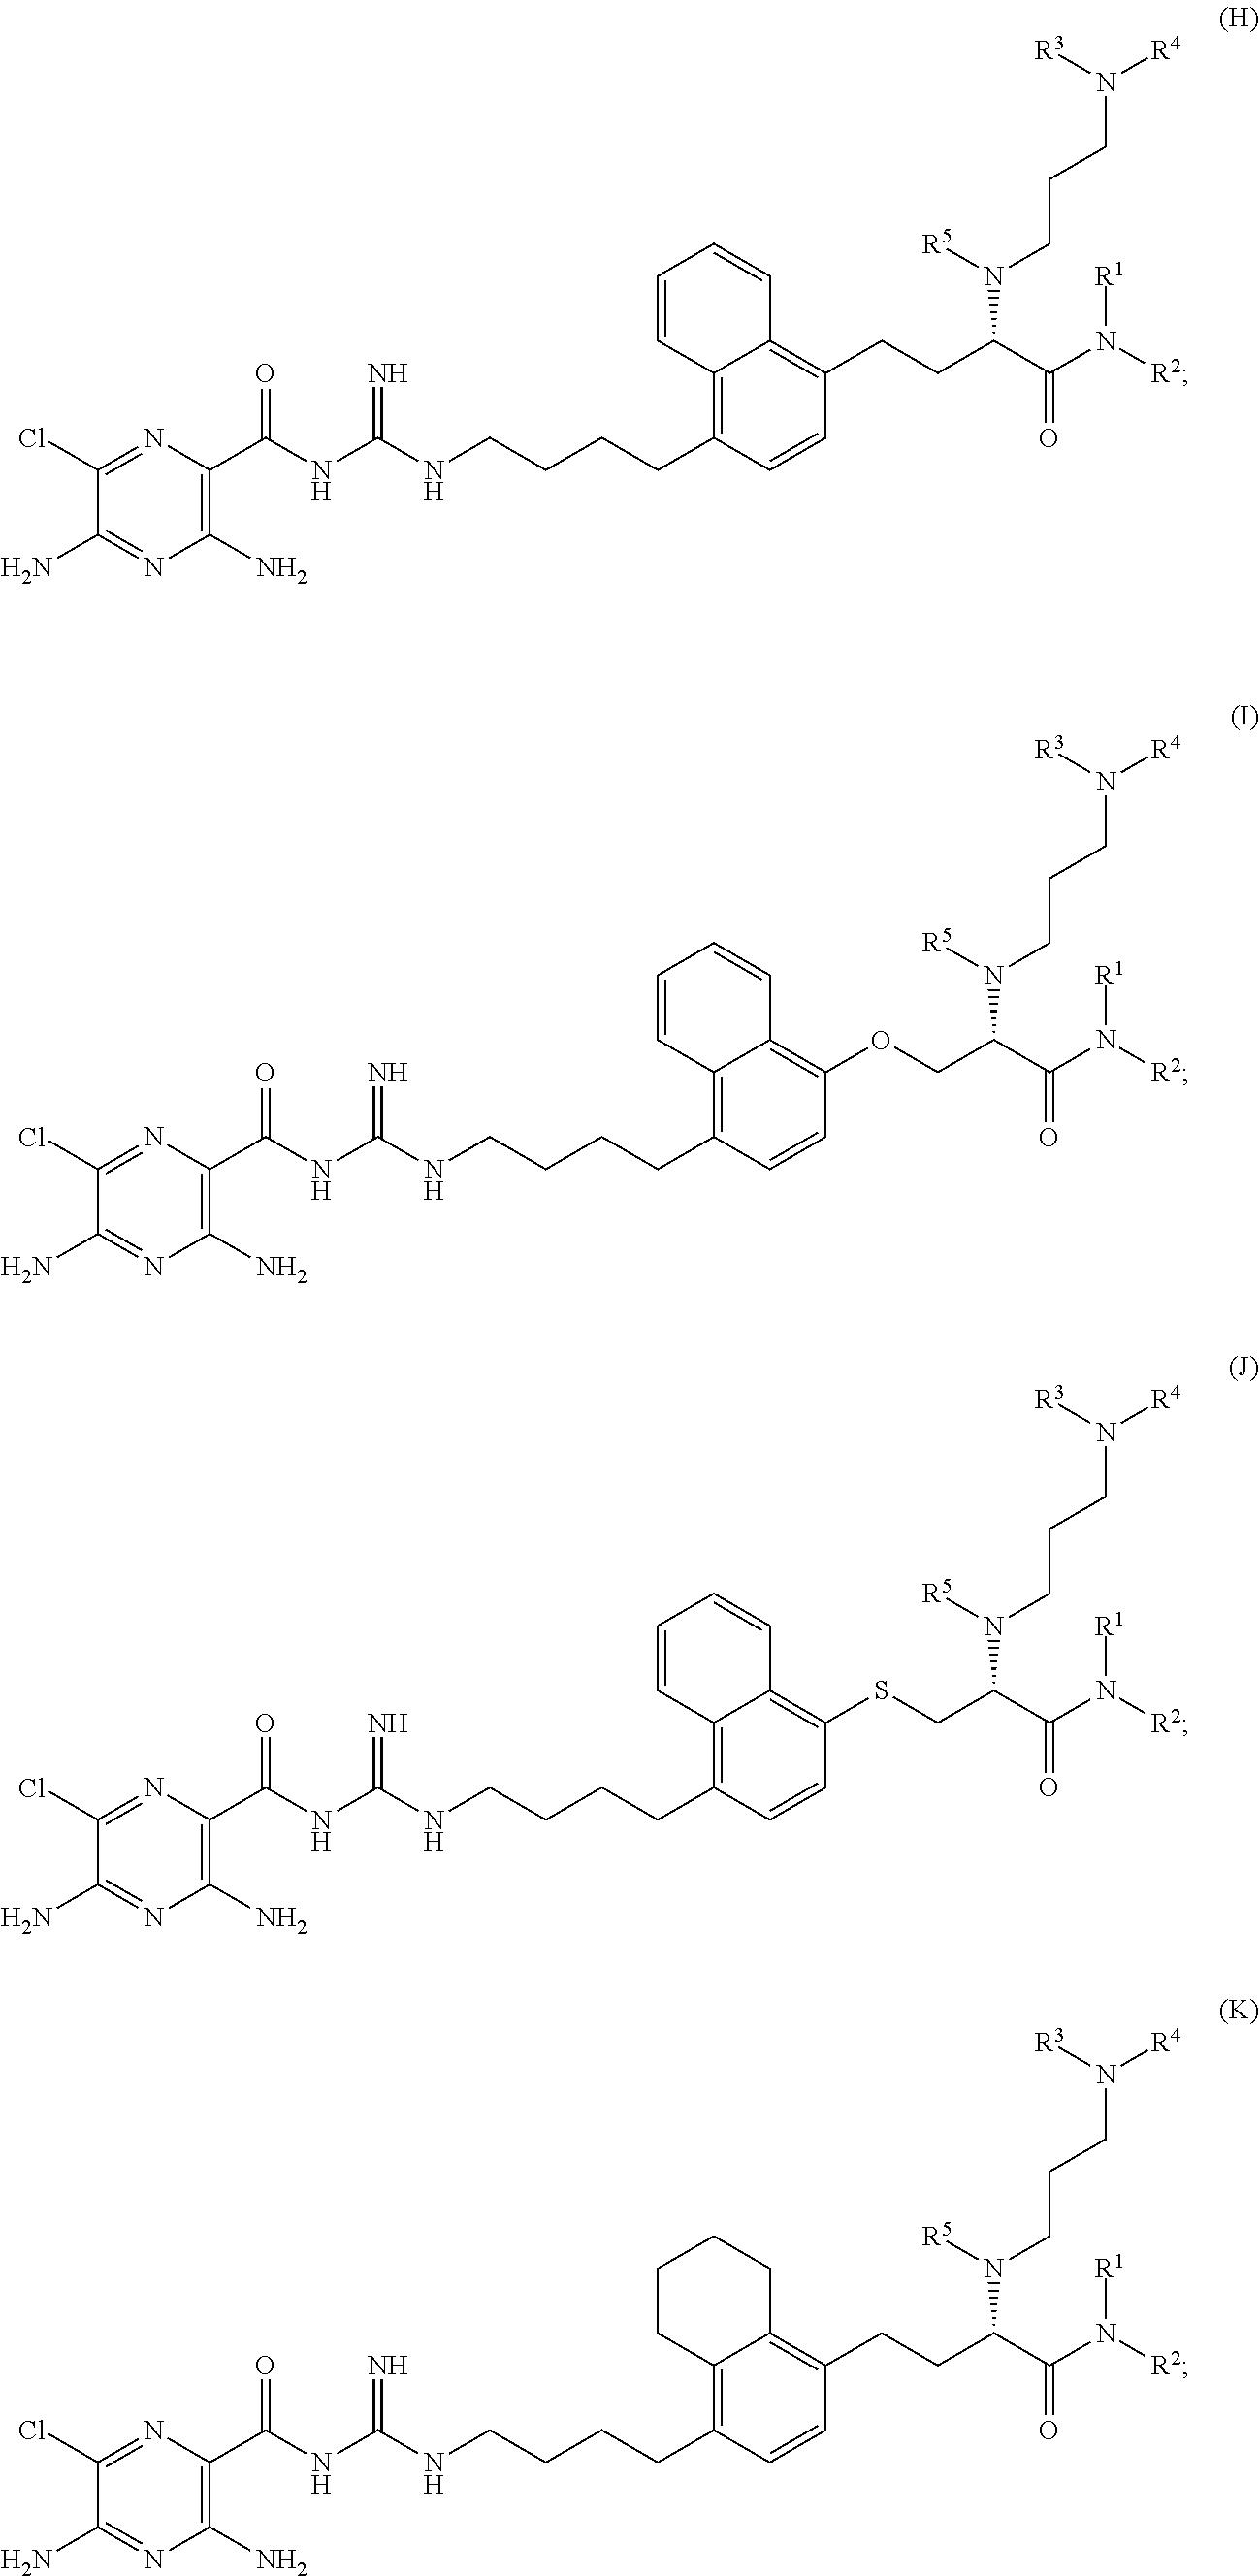 Figure US09695134-20170704-C00079